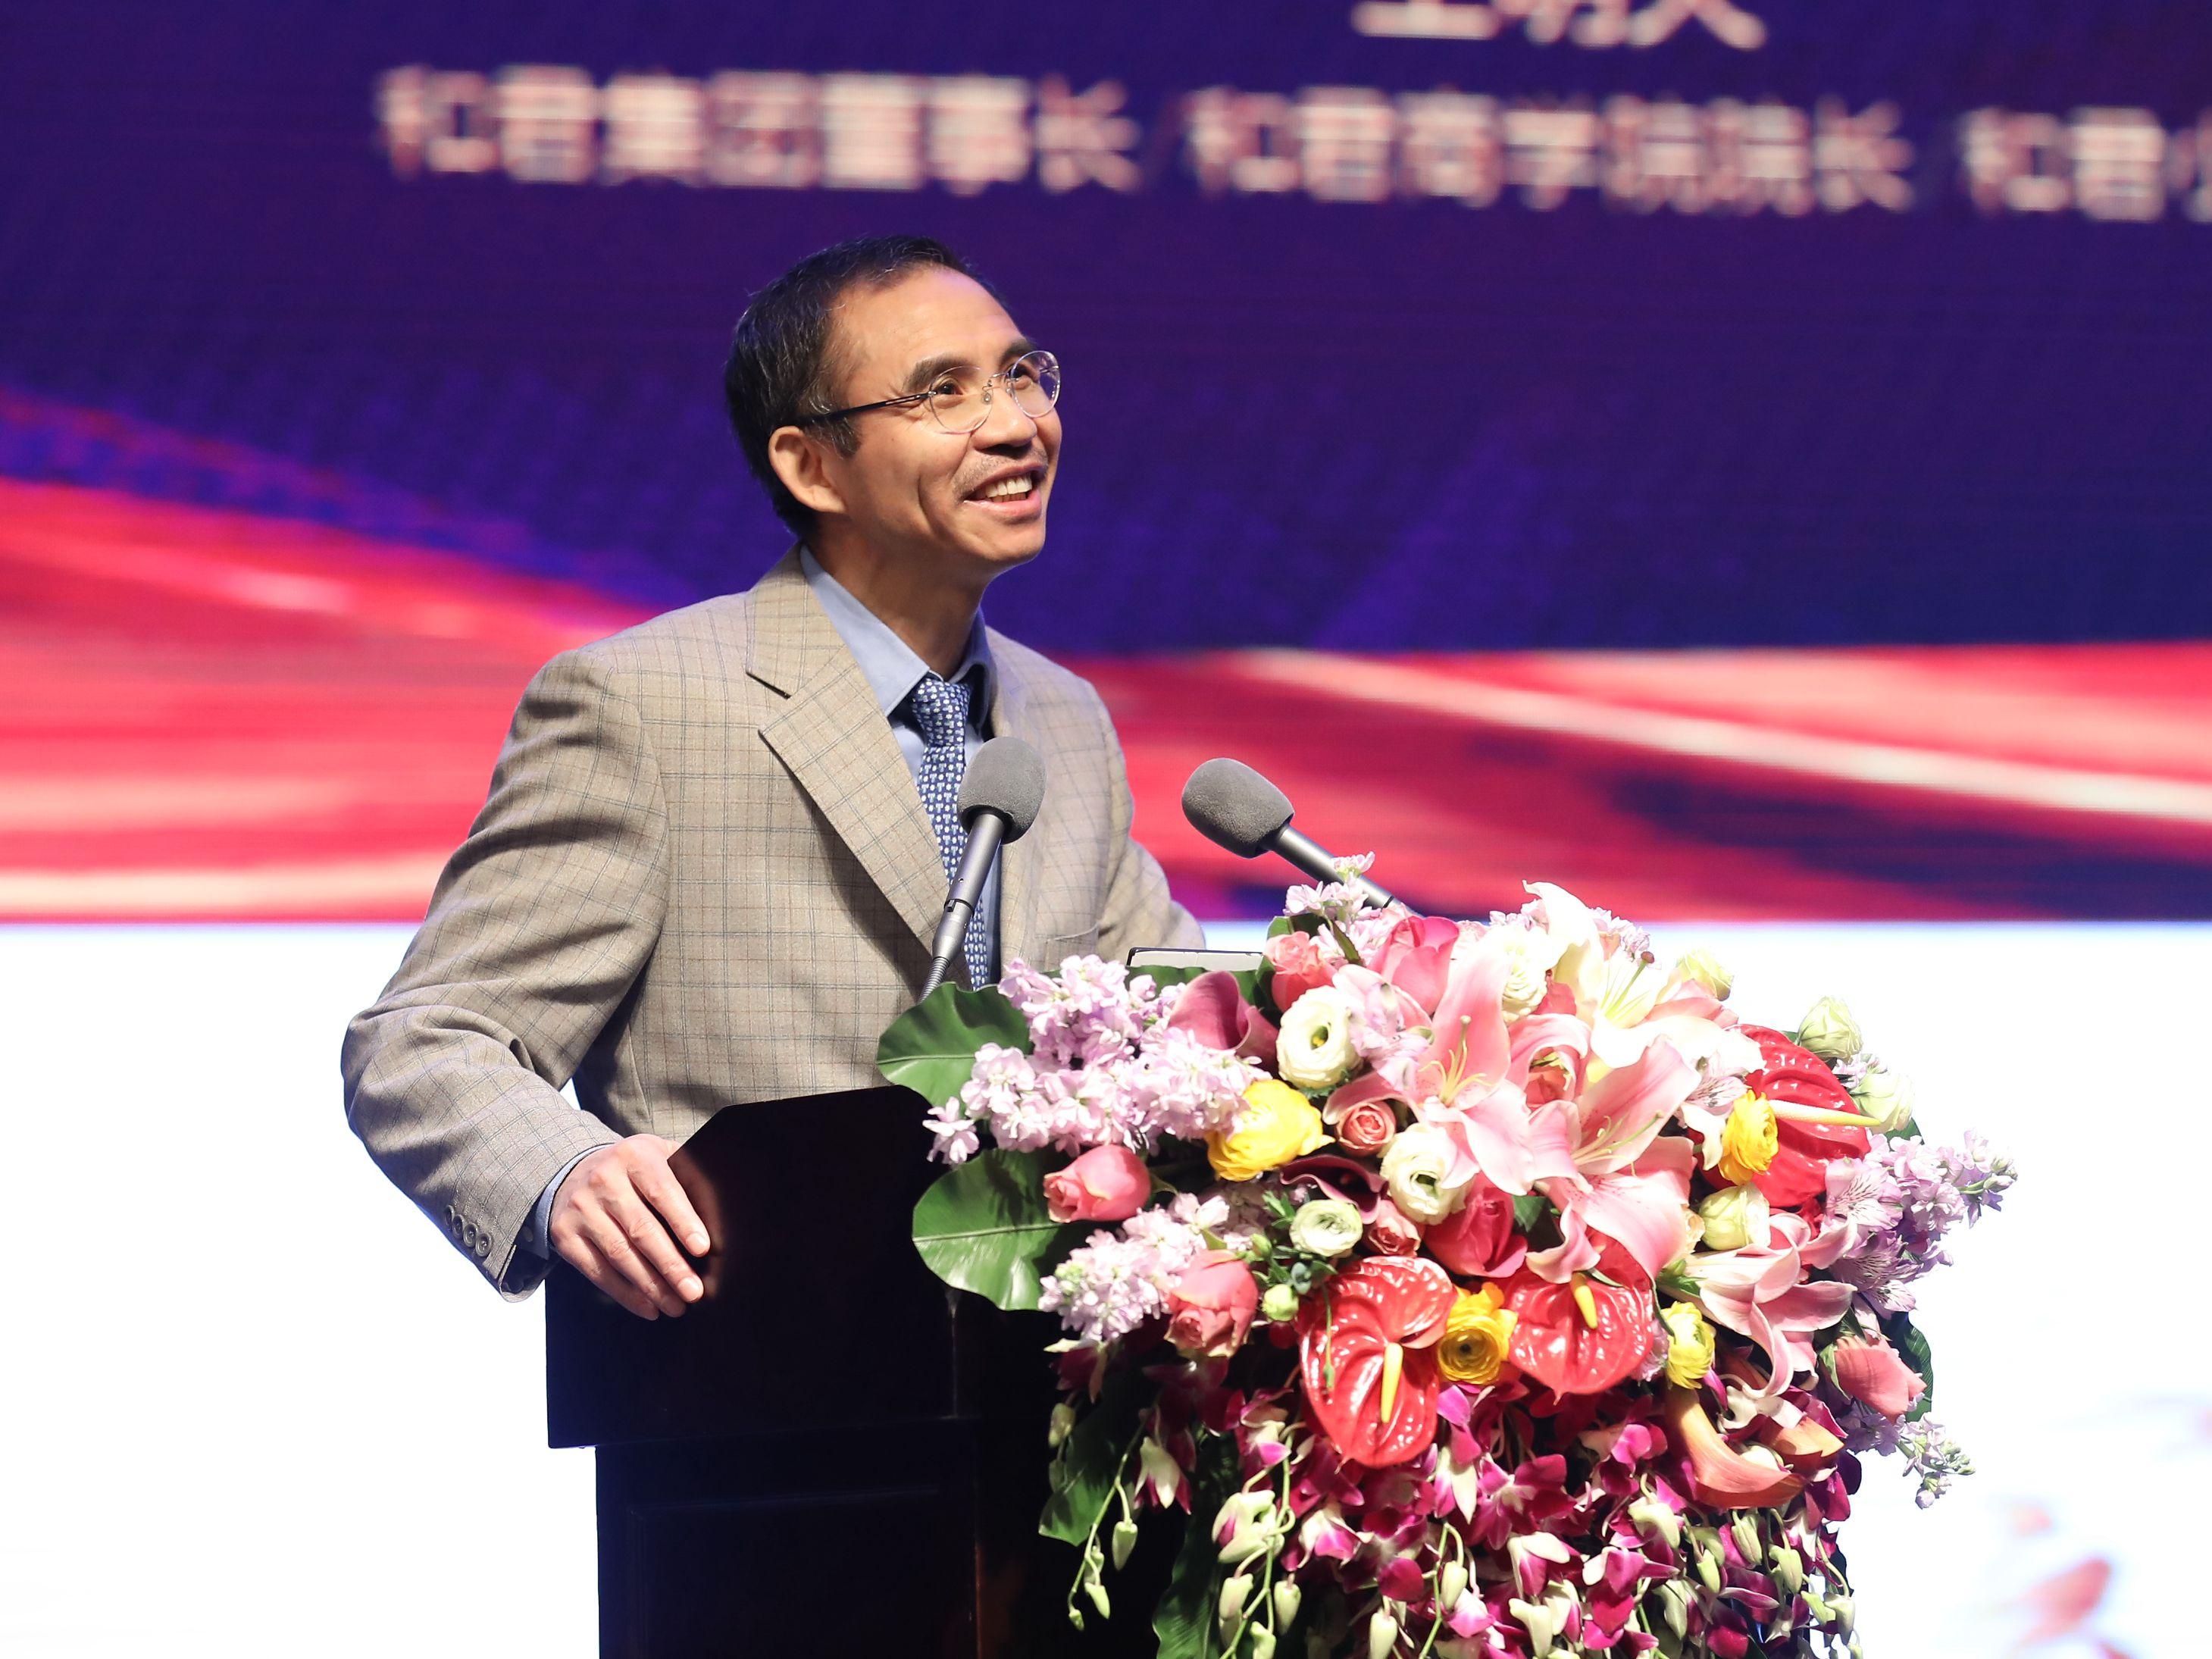 【10.20 2:00】王明夫:资本市场与企业成长